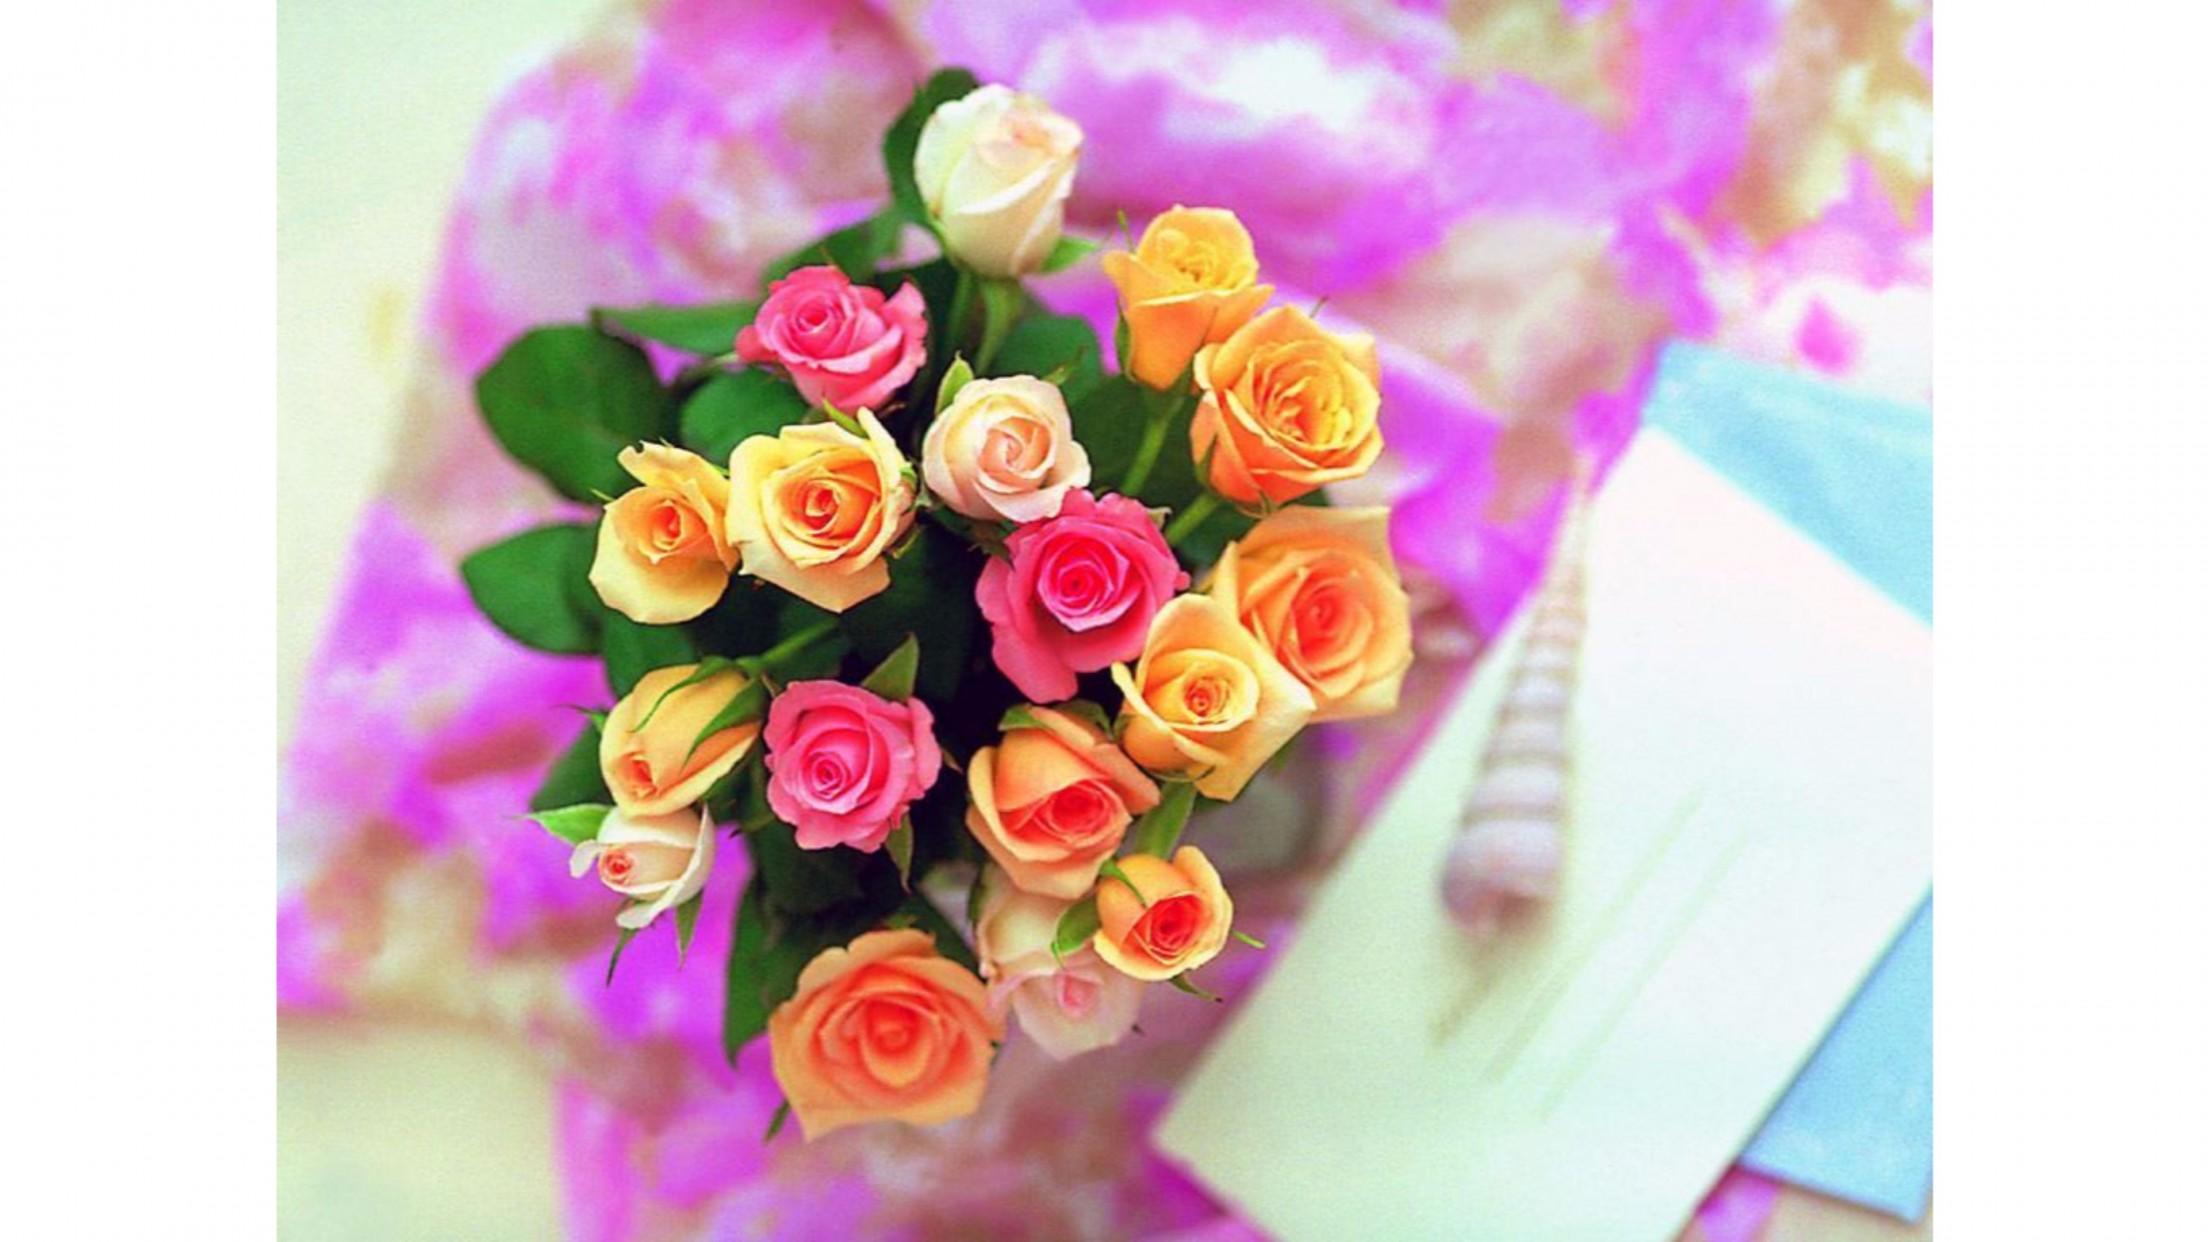 بالصور صور ازهار , احلي صور لازهار وورود جميلة 6490 6